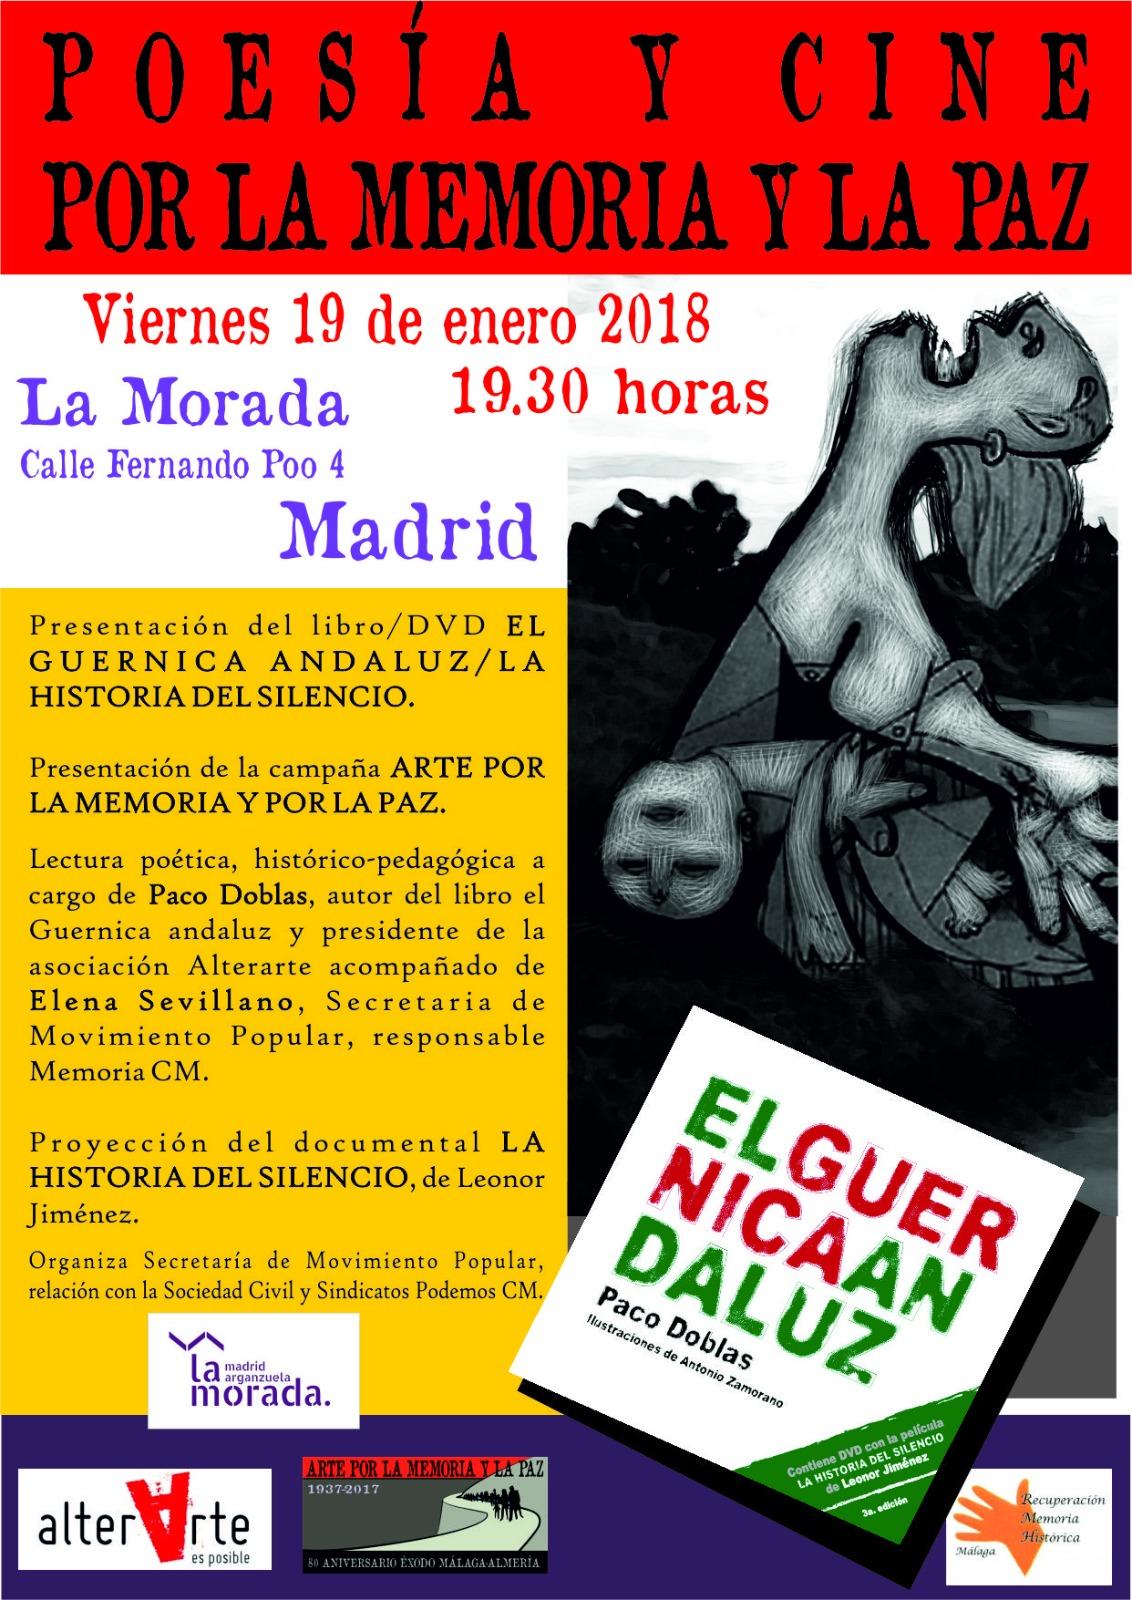 Presentación del libro/DVD  El GUERNICA ANDALUZ / LA HISTORIA DEL SILENCIO